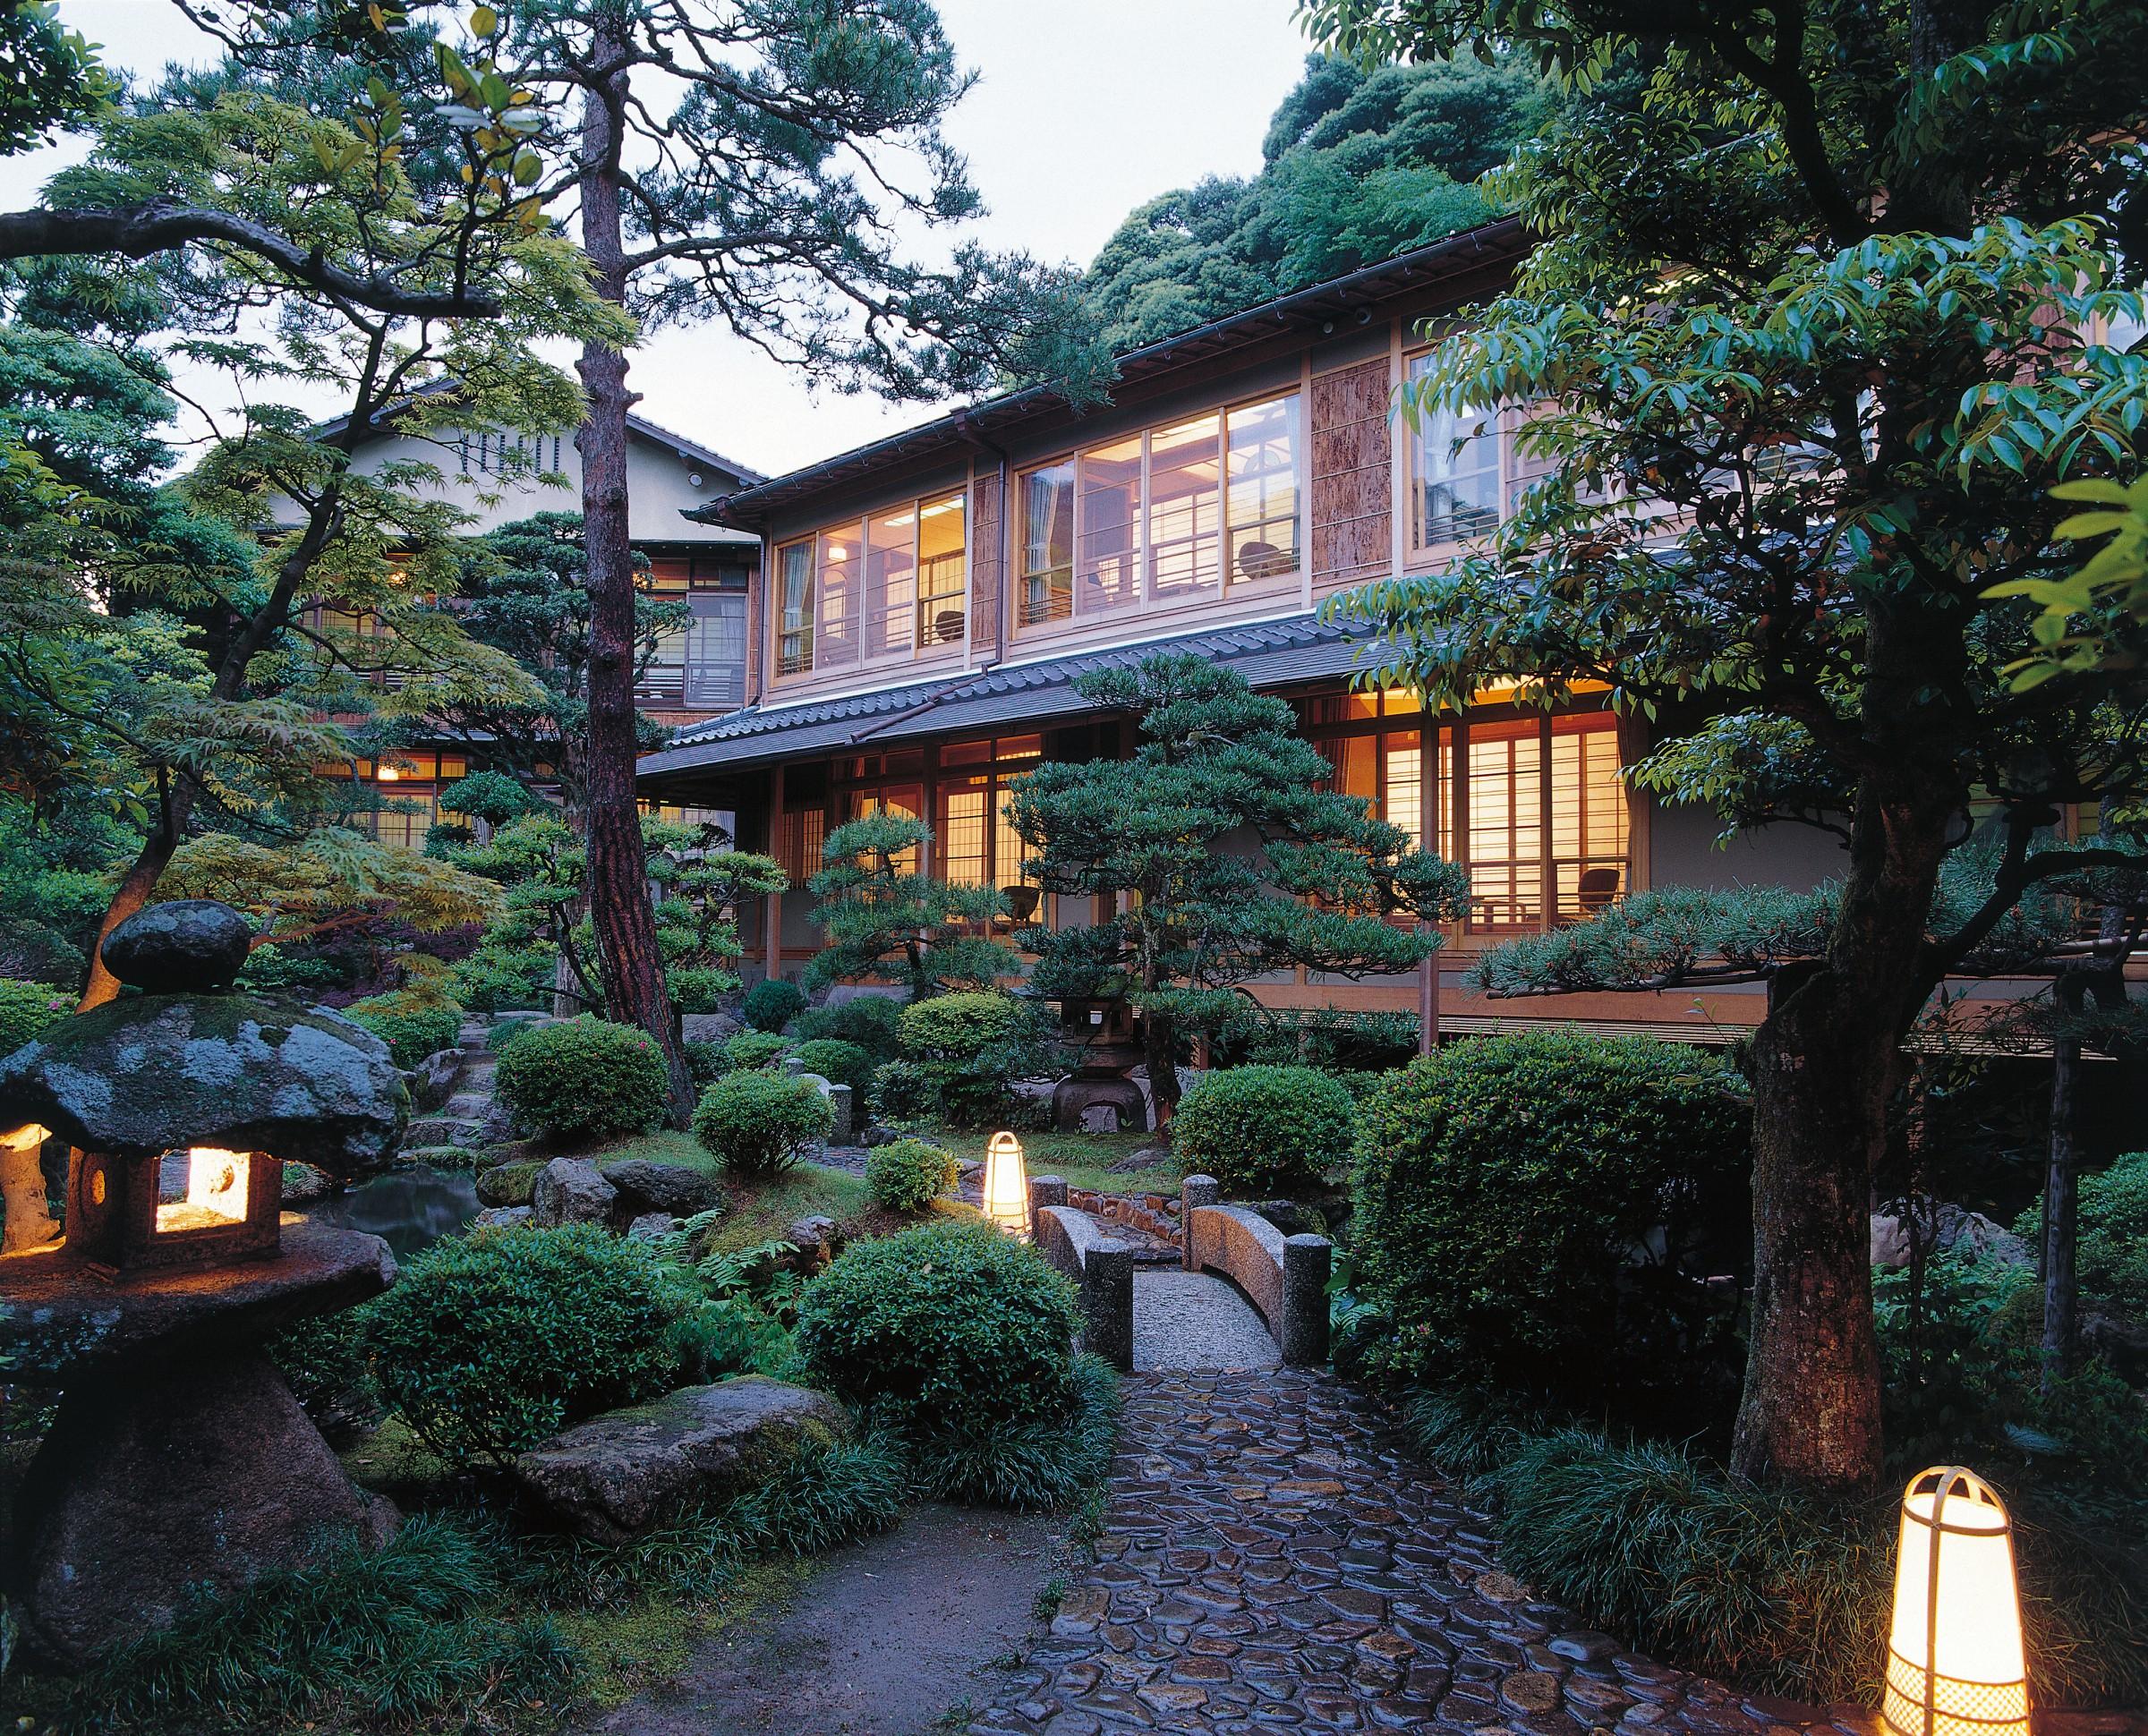 The main garden at the Nishimuraya Honkan